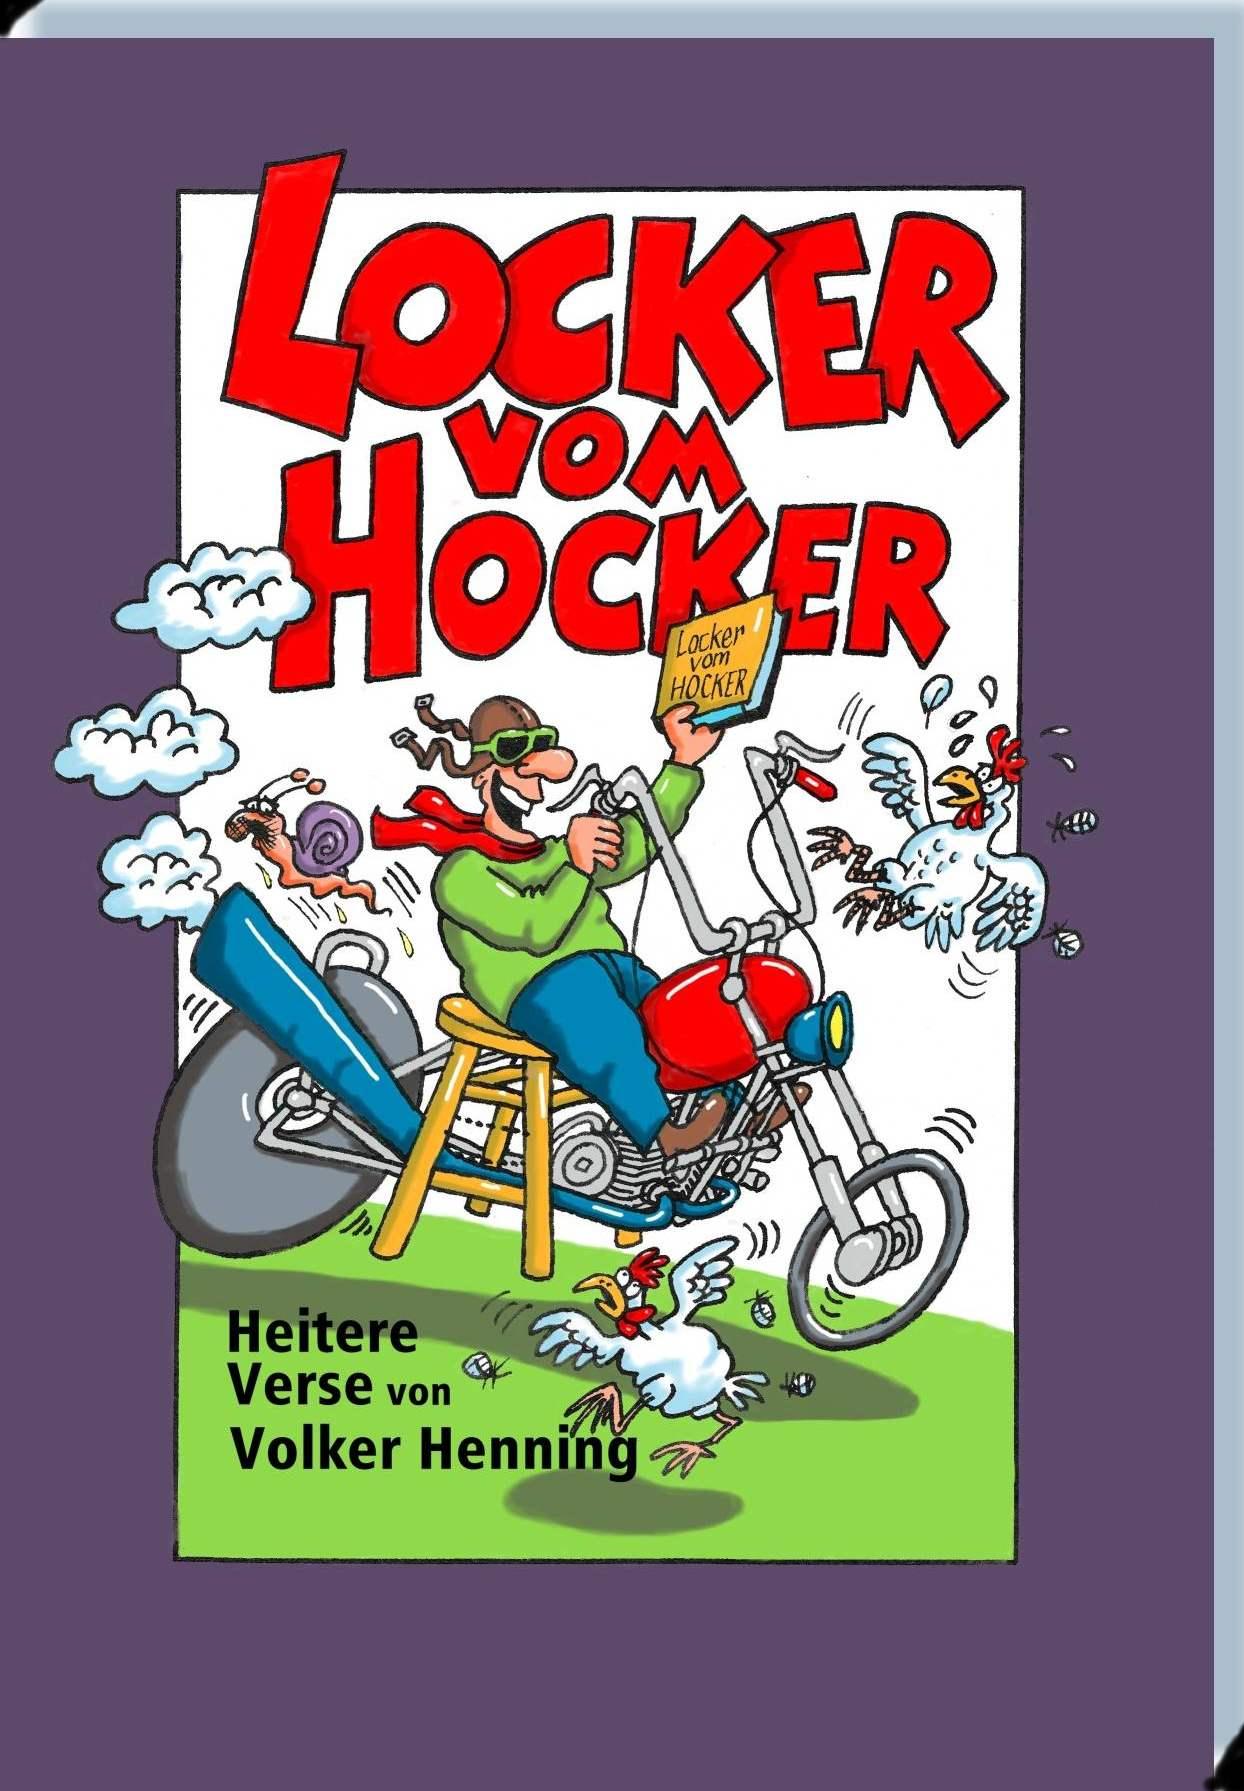 Locker v. Hocker